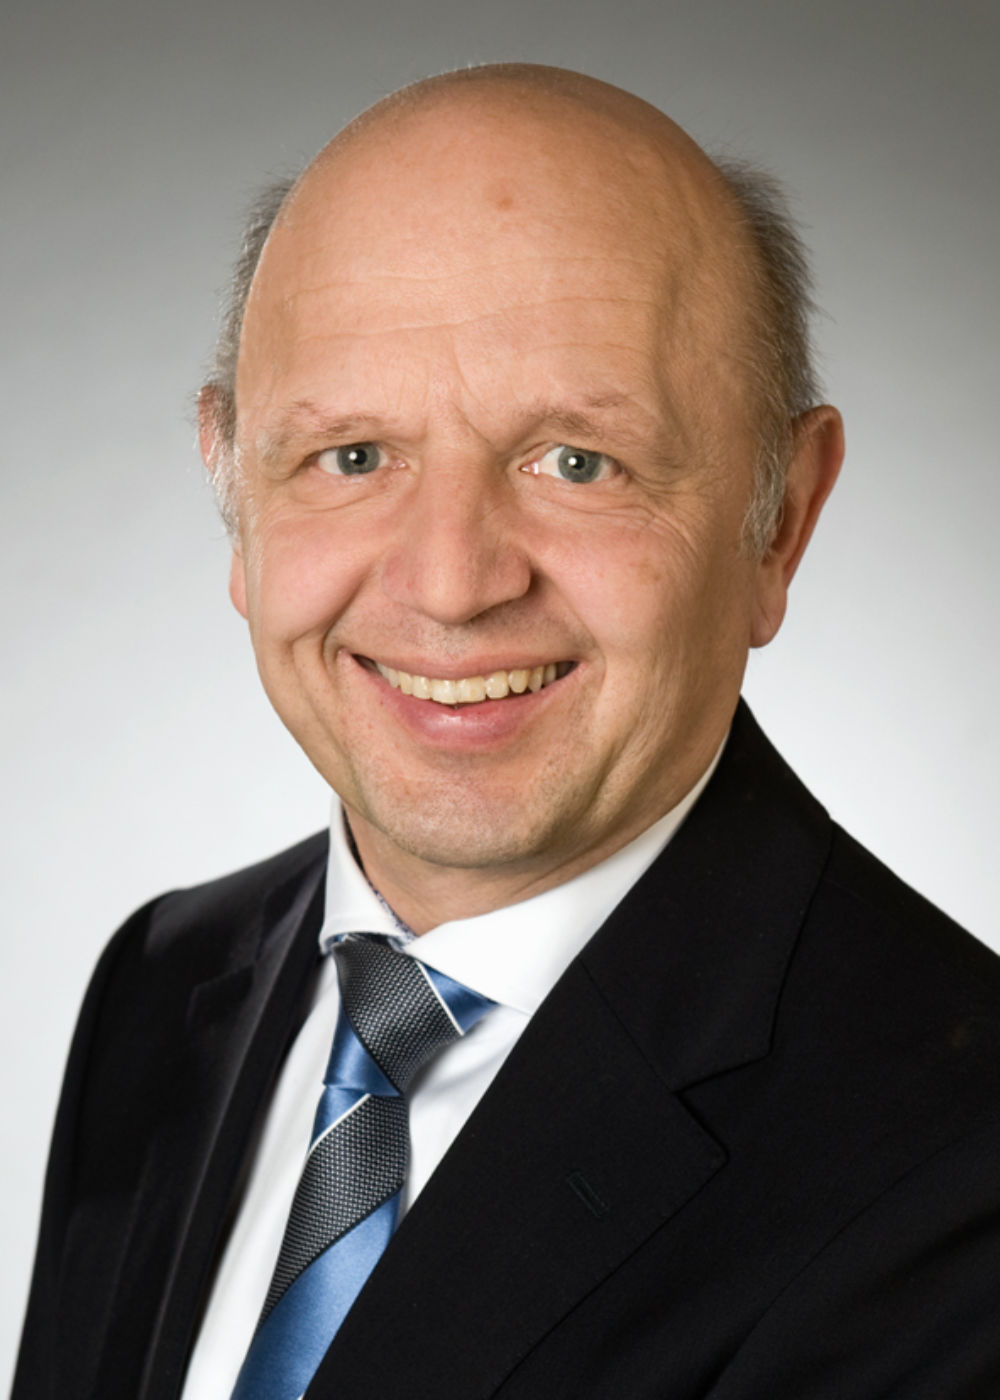 Ingo Krüger